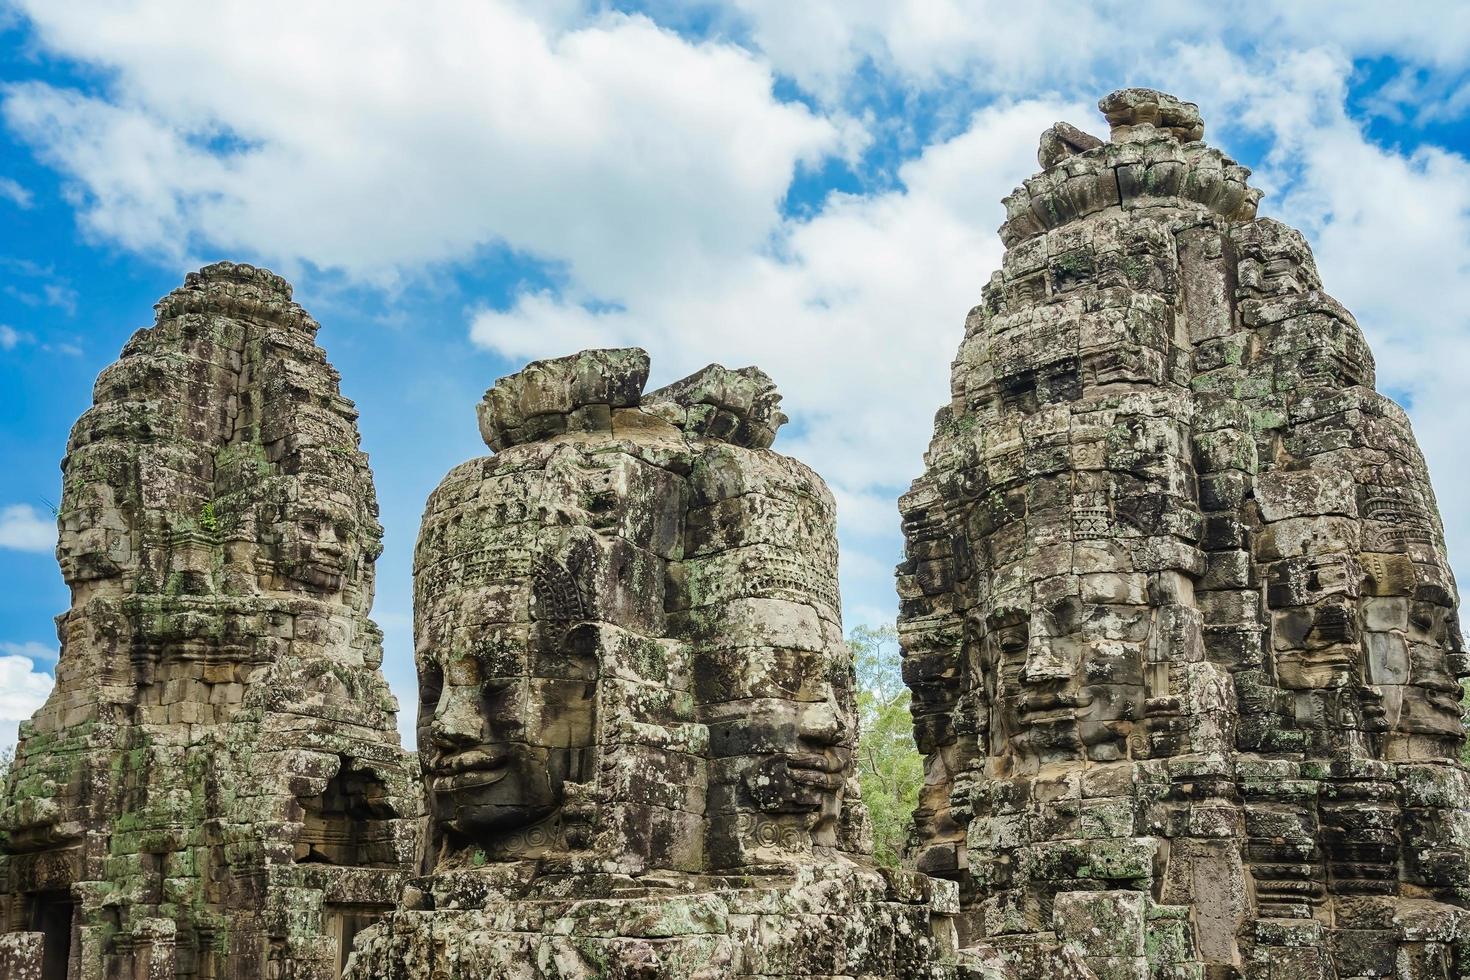 Visages de pierre antiques au temple du Bayon, Angkor Wat, Siam Reap, Cambodge photo